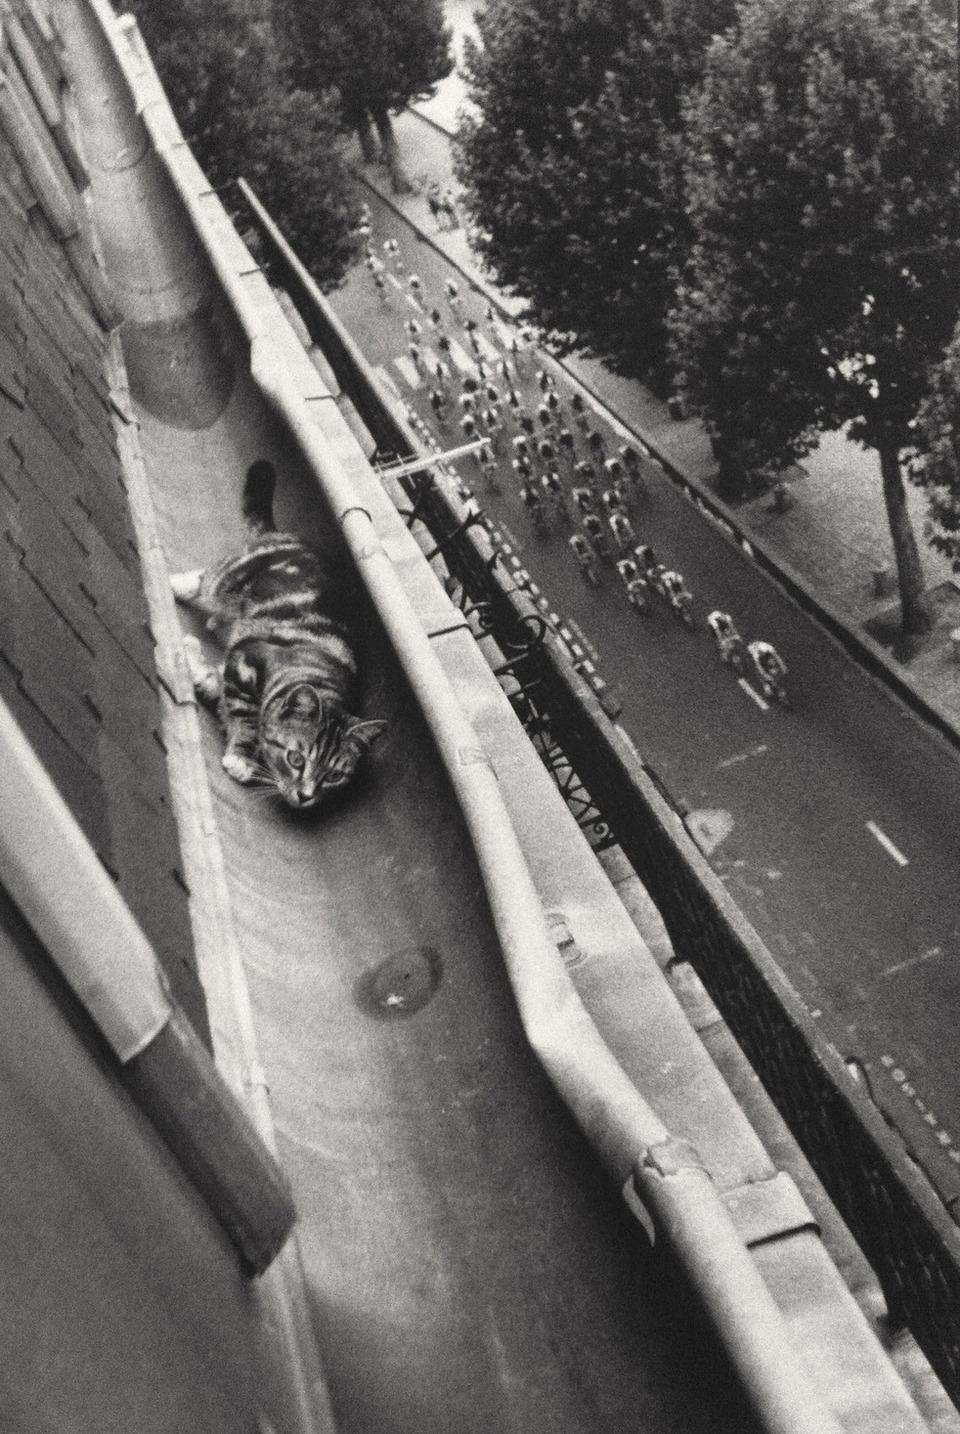 «Давай, Вергилий!» Велосипедный тур в Париже, 1989. Необычный ракурс. Фотограф Мари Бабей